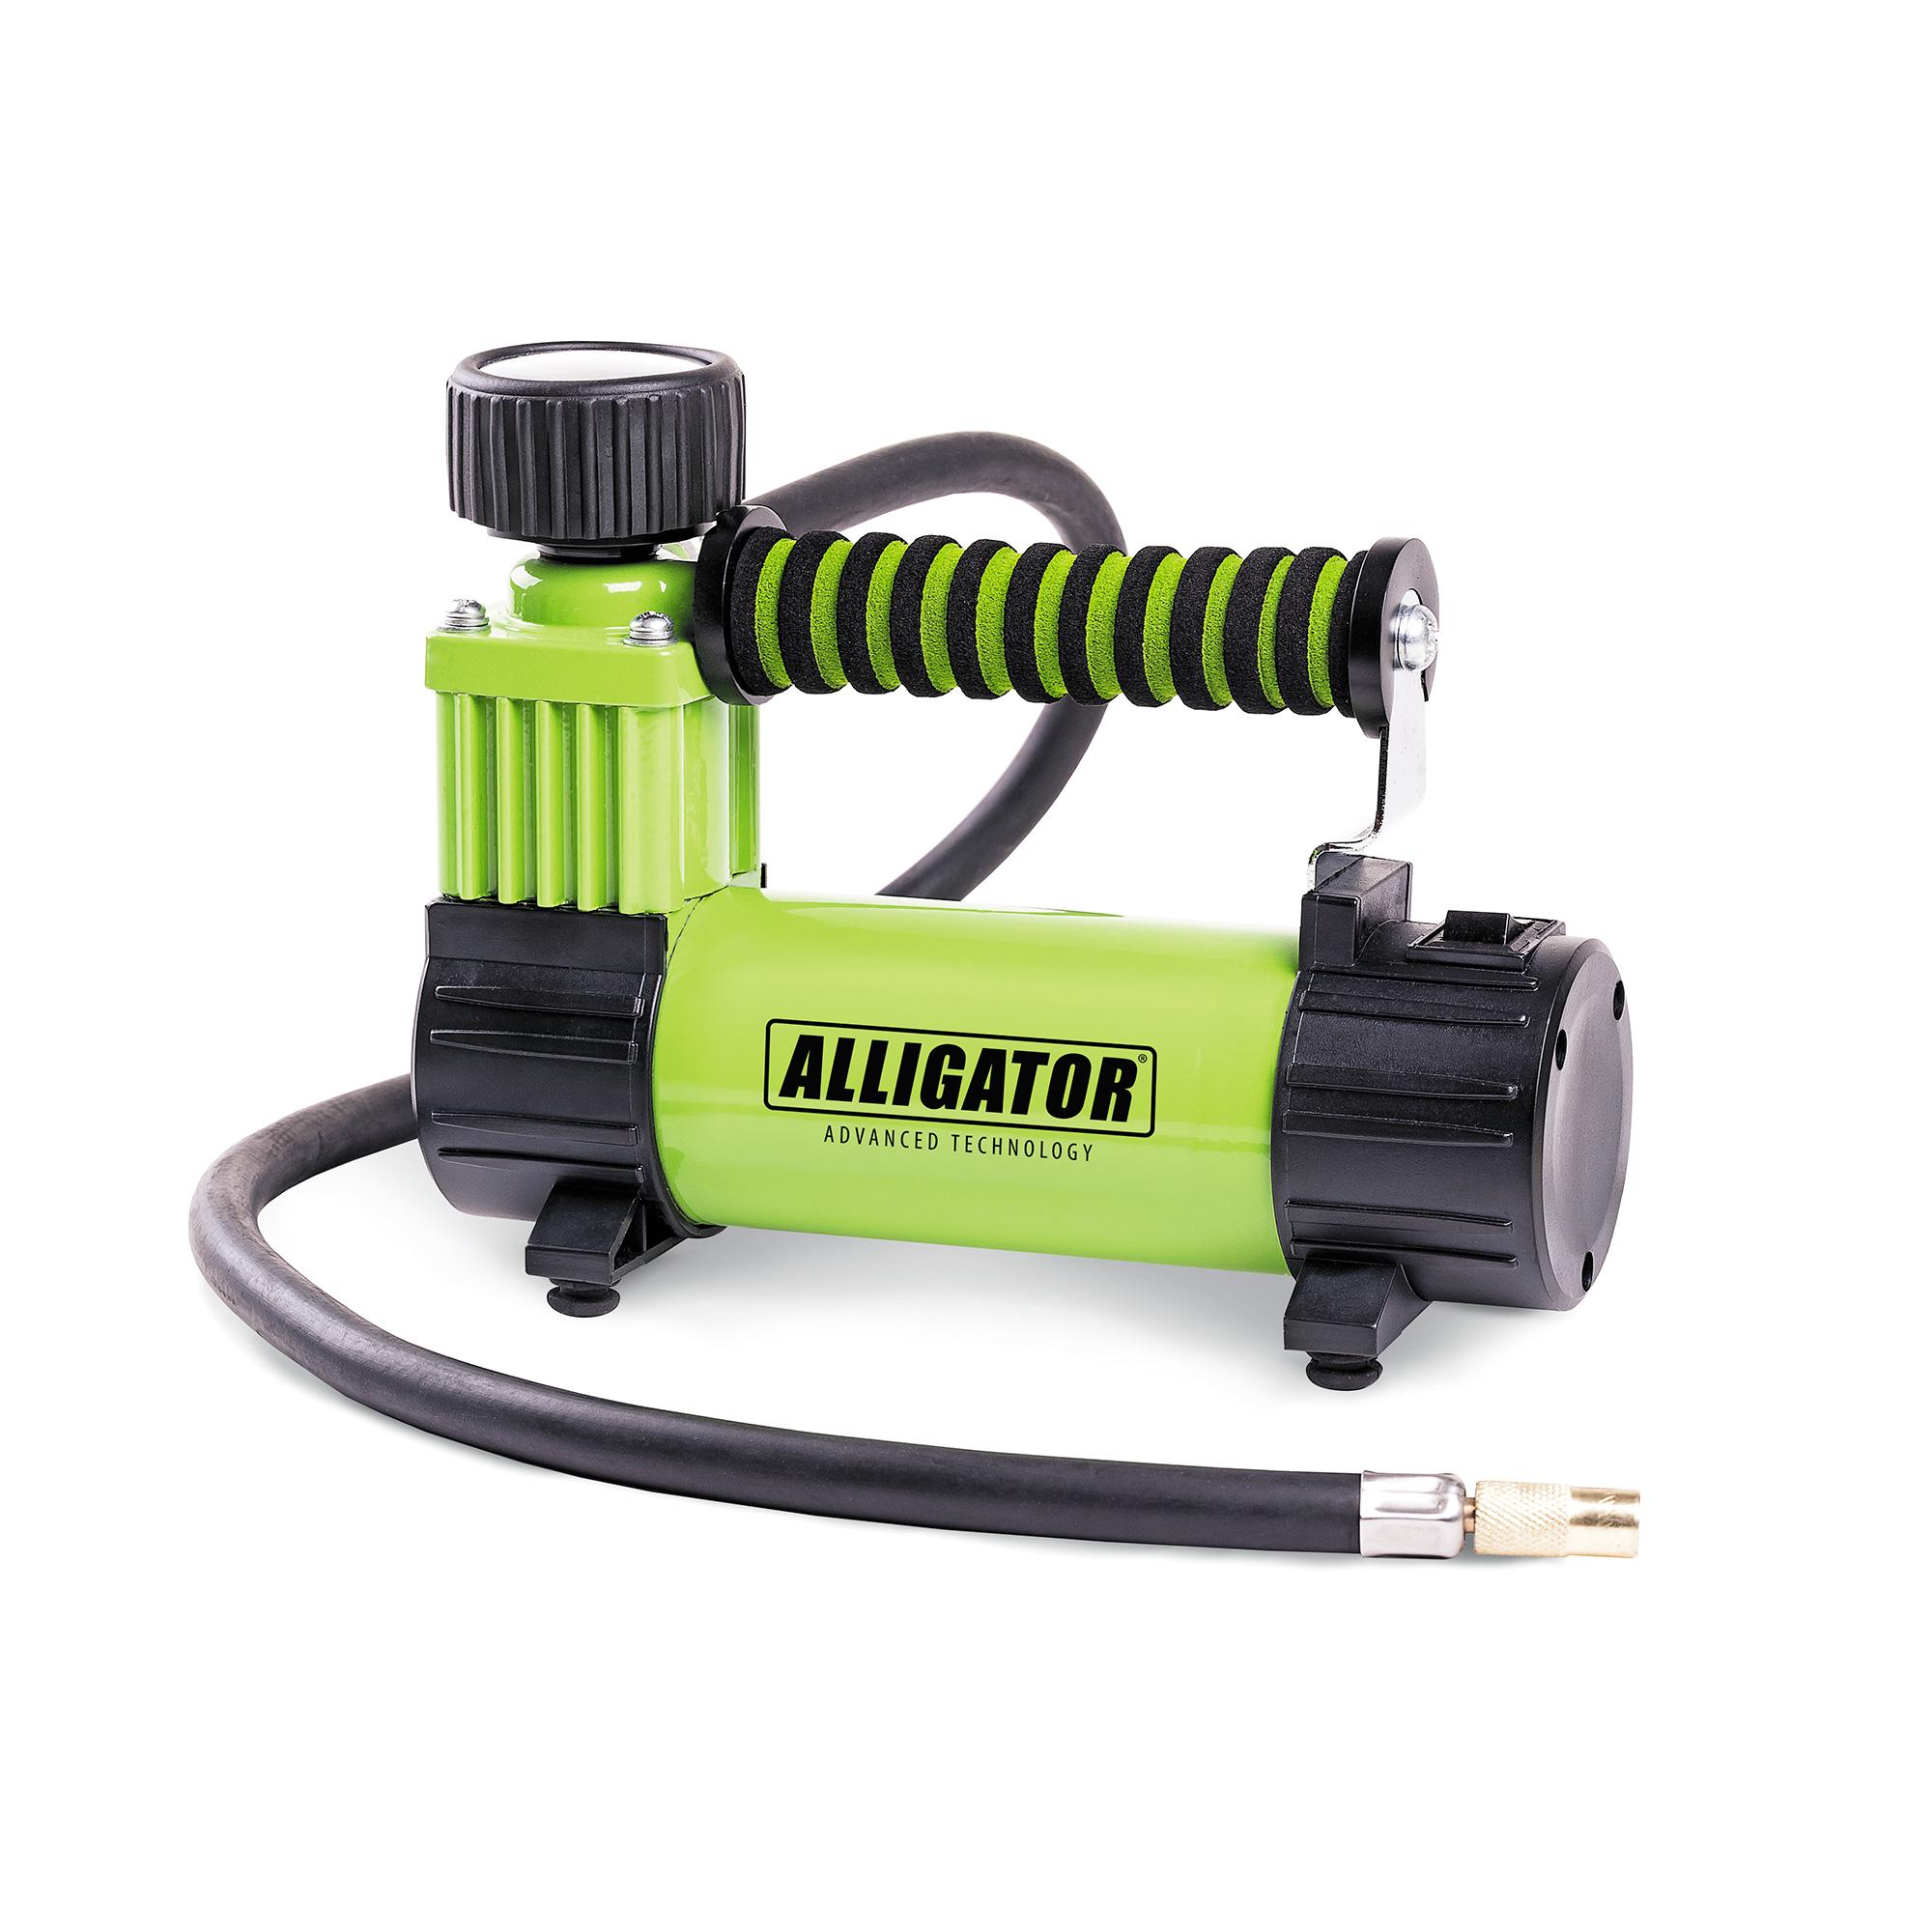 Компрессор автомобильный Аллигатор AL-300ZAlligator<br>Alligator AL-300Z. Экономно - но достаточно!<br><br>Производительность и широкое применение!<br>Автокомпрессор может быть использован для накачивания различных надувных изделий.<br><br>АЛЛИГАТОР выполнен в металлическом корпусе, имеет оригинальную спонжевую рукоятку.<br>Мощность 100Вт, производительность 26 л/мин., максимальное давление 10 АТМ. <br>Переходники для накачивания надувных изделий, сумка для хранения.<br>Длина кабеля питания - 3м. Длина шланга 70 сантиметров.<br>Время непрерывной работы 30 минут. Питание осуществляется от бортовой сети 12В.<br>